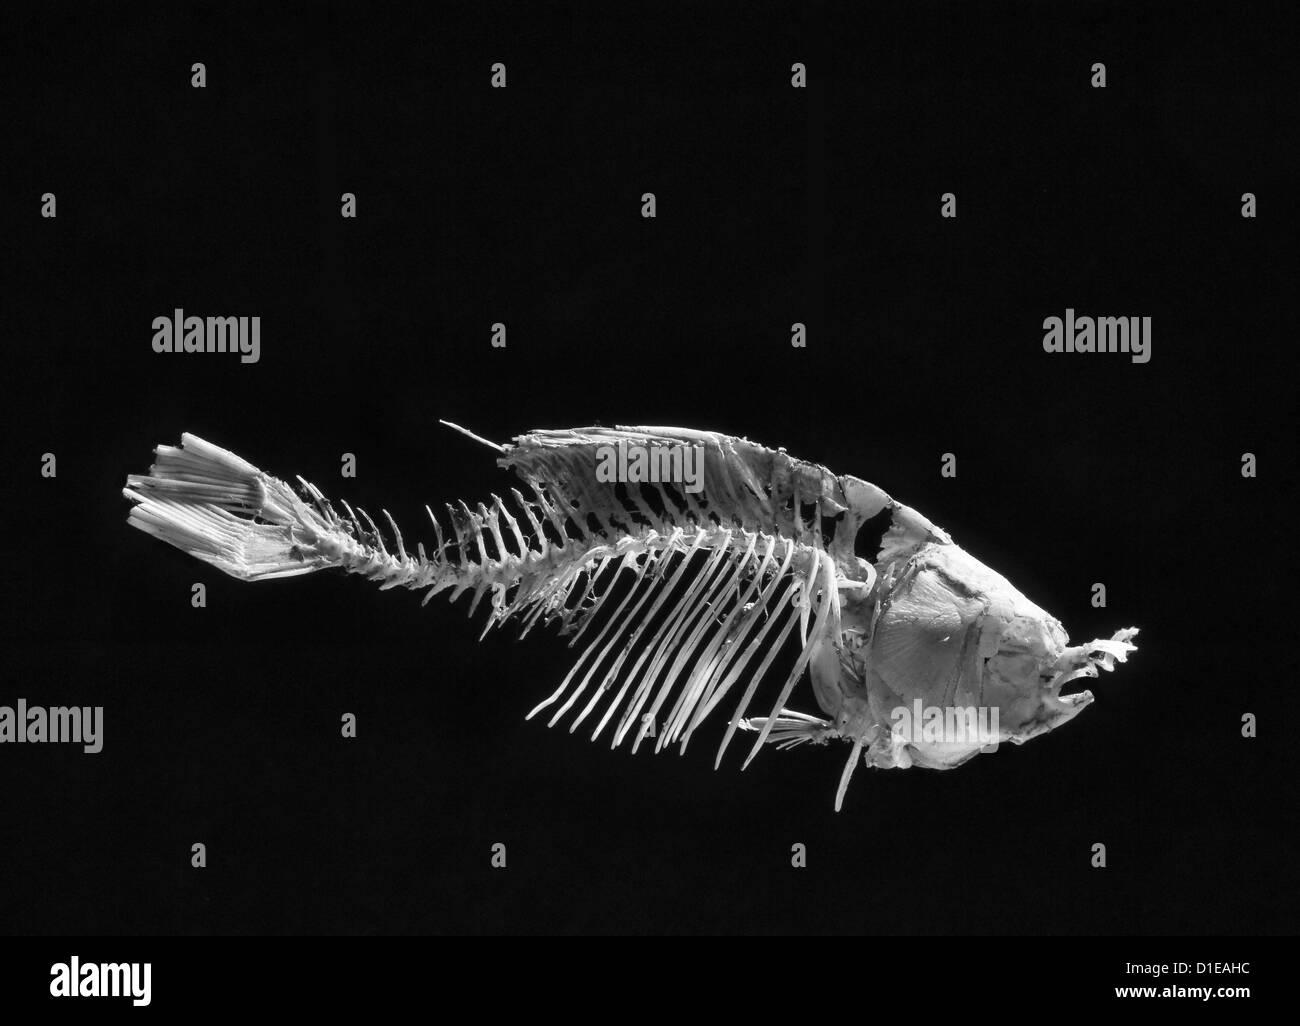 Un poisson squelette, b/w sur un fond noir Photo Stock